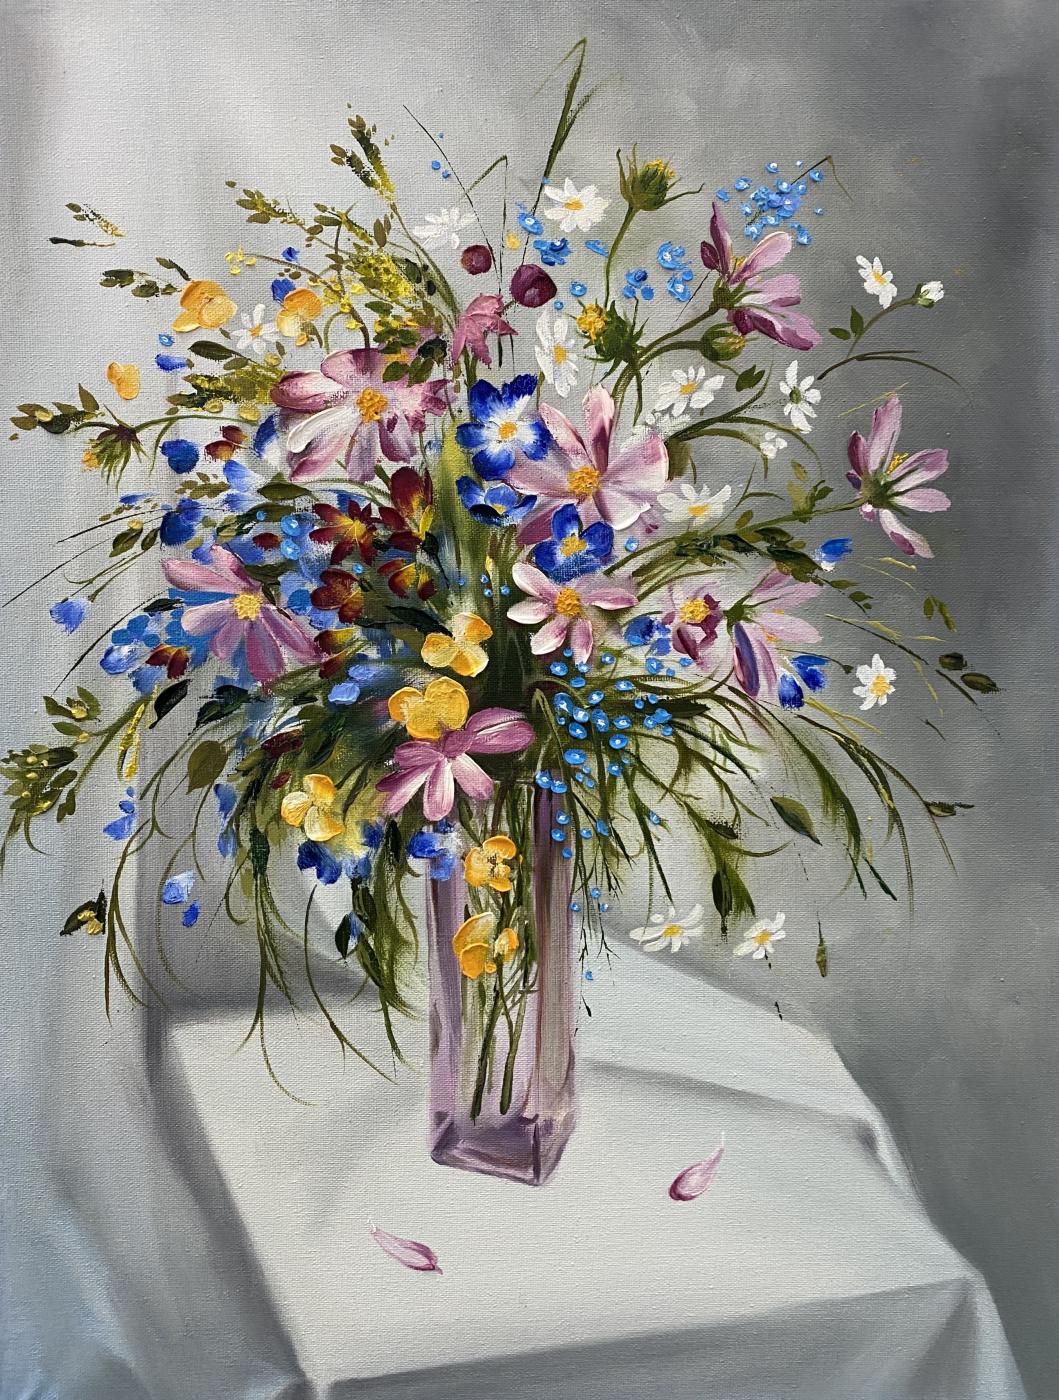 Ruzana Mukhamedovna Datsirkhoeva. Wildflowers